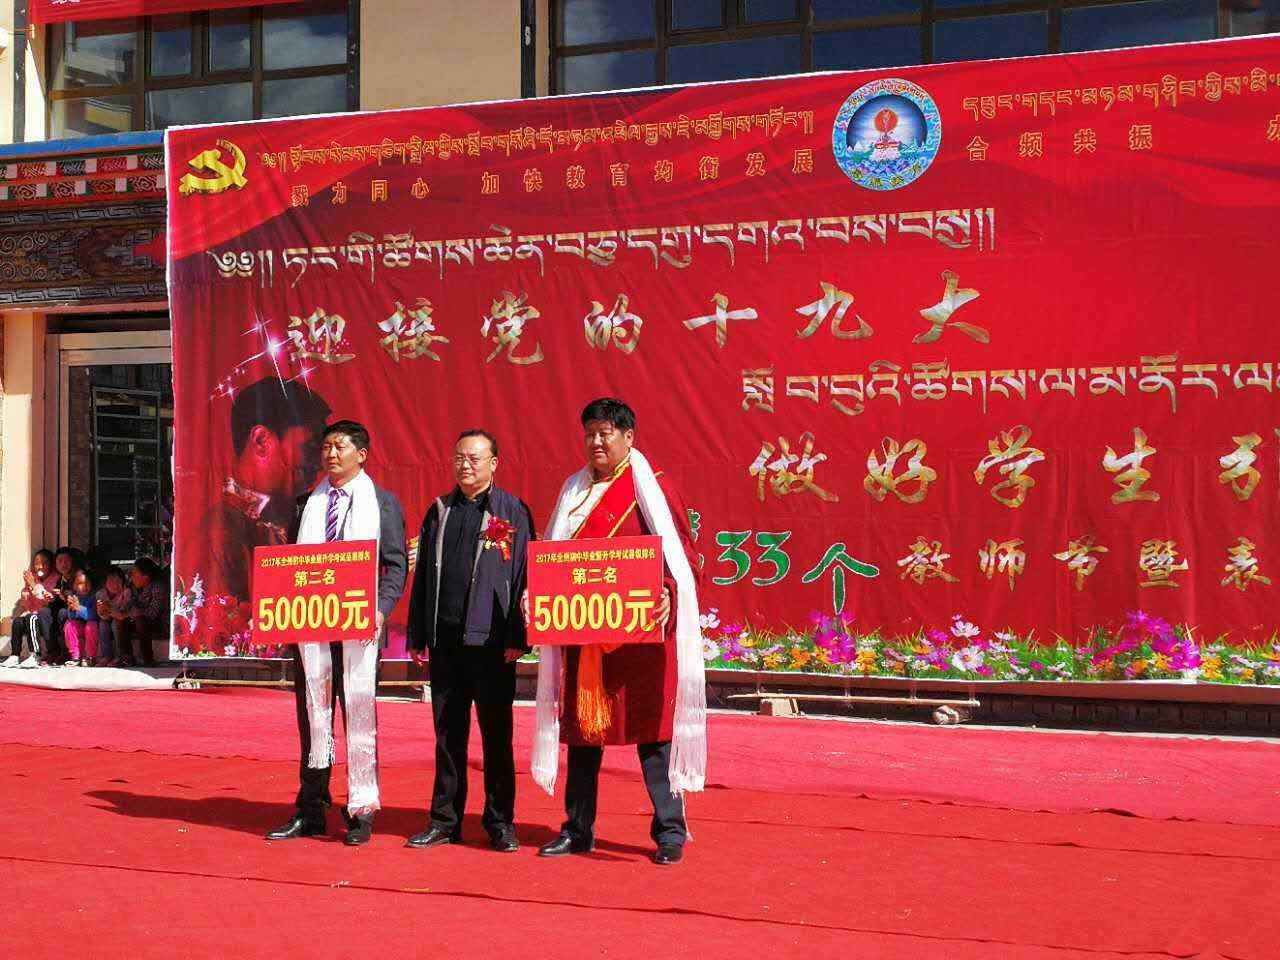 囊谦县隆重庆祝第33个教师节暨2016—2017学年教育工作表彰大会